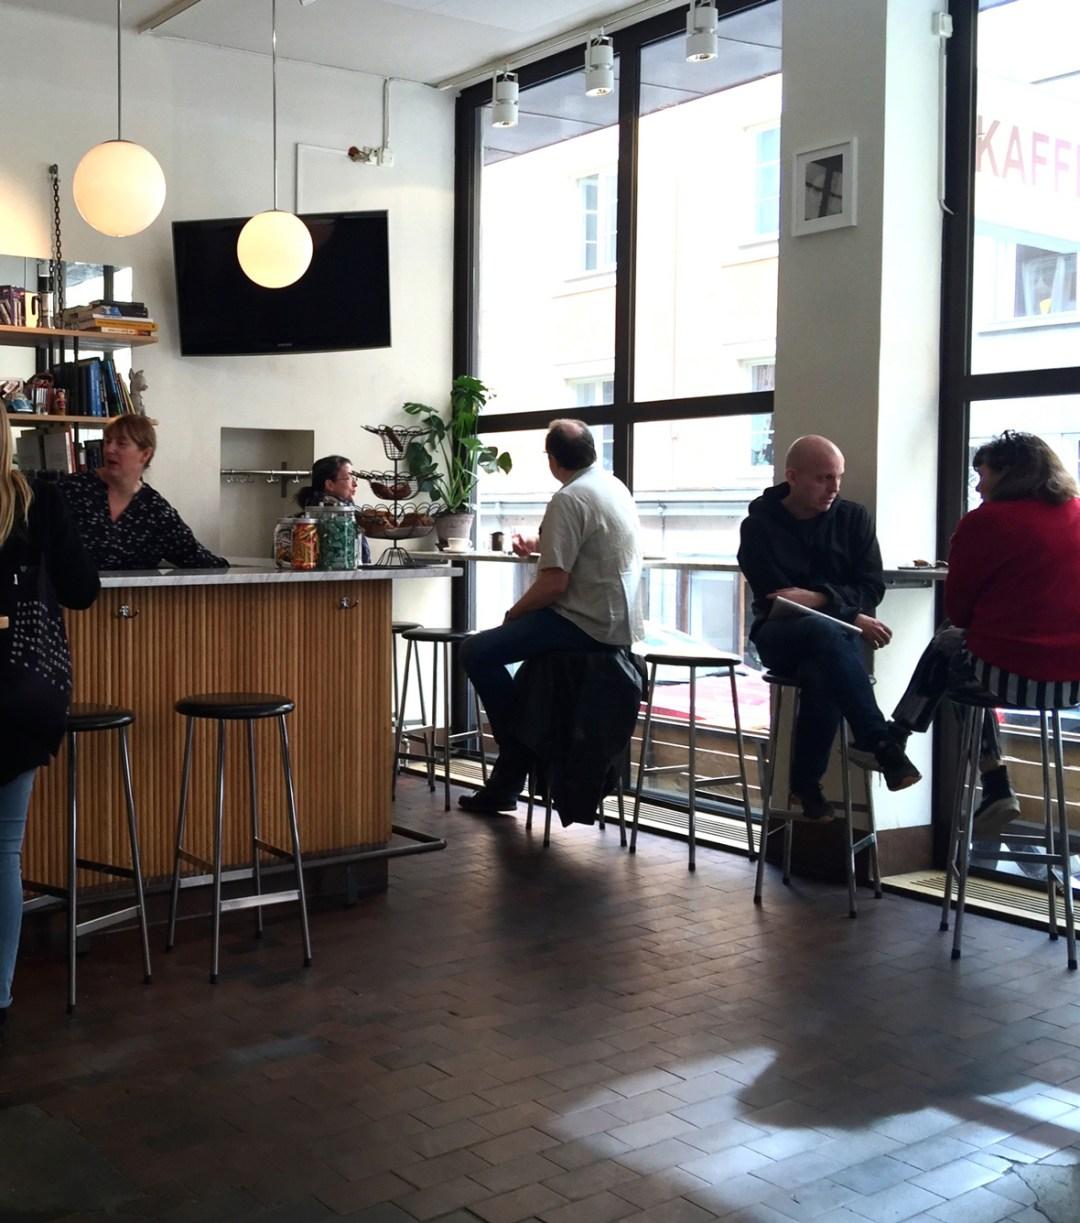 kaffe-cafe-inside